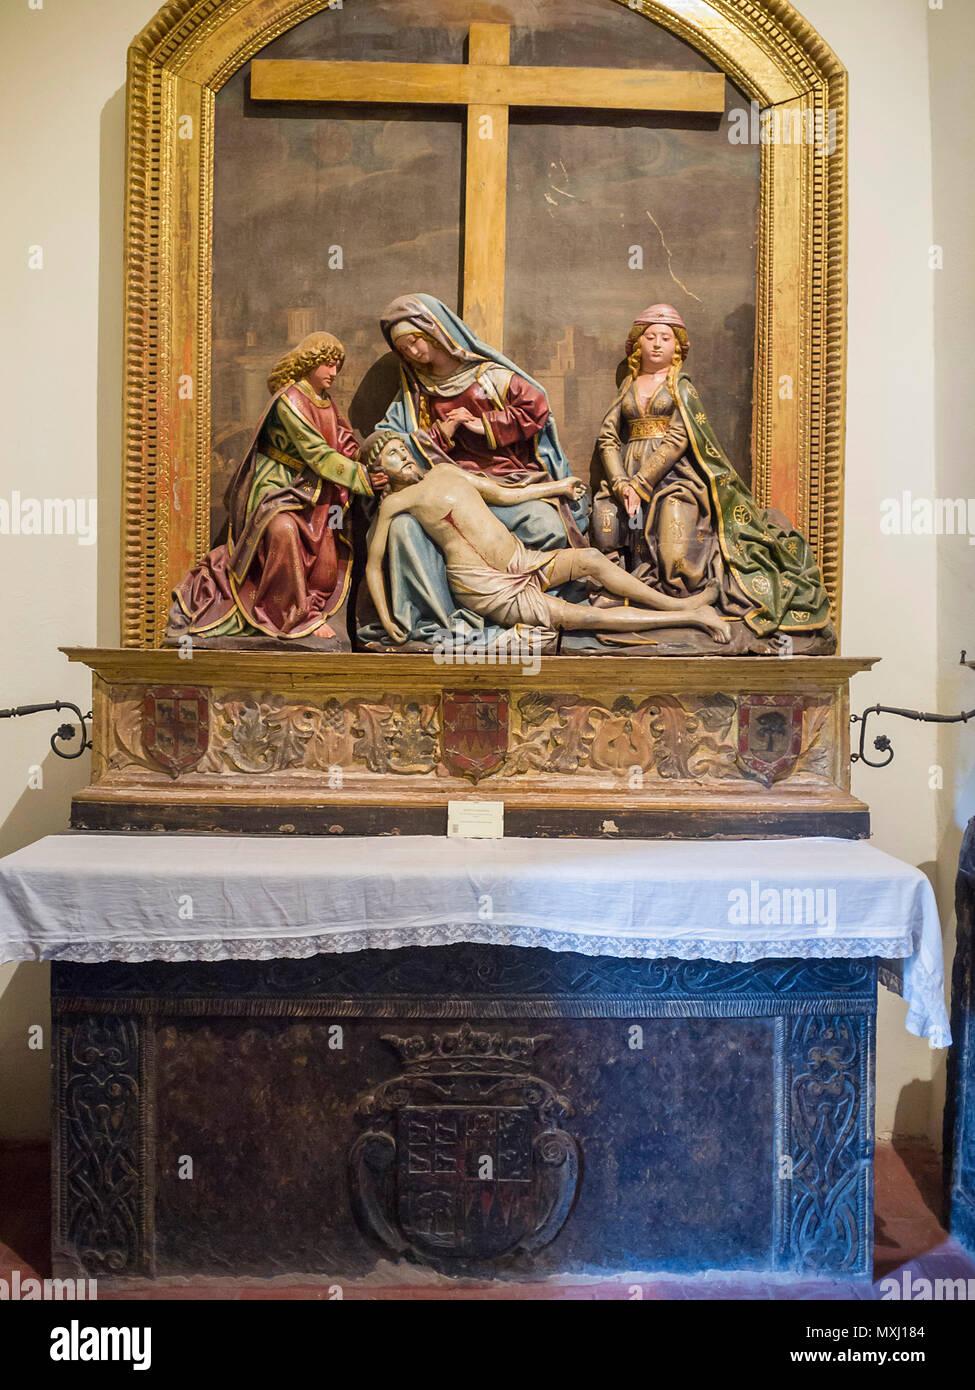 Piedad. Iglesia de Santa María la Mayor en la Colegial. Talavera de la Reina. Conjunto histórico artístico. Provincia de Toledo. España. Imagen De Stock